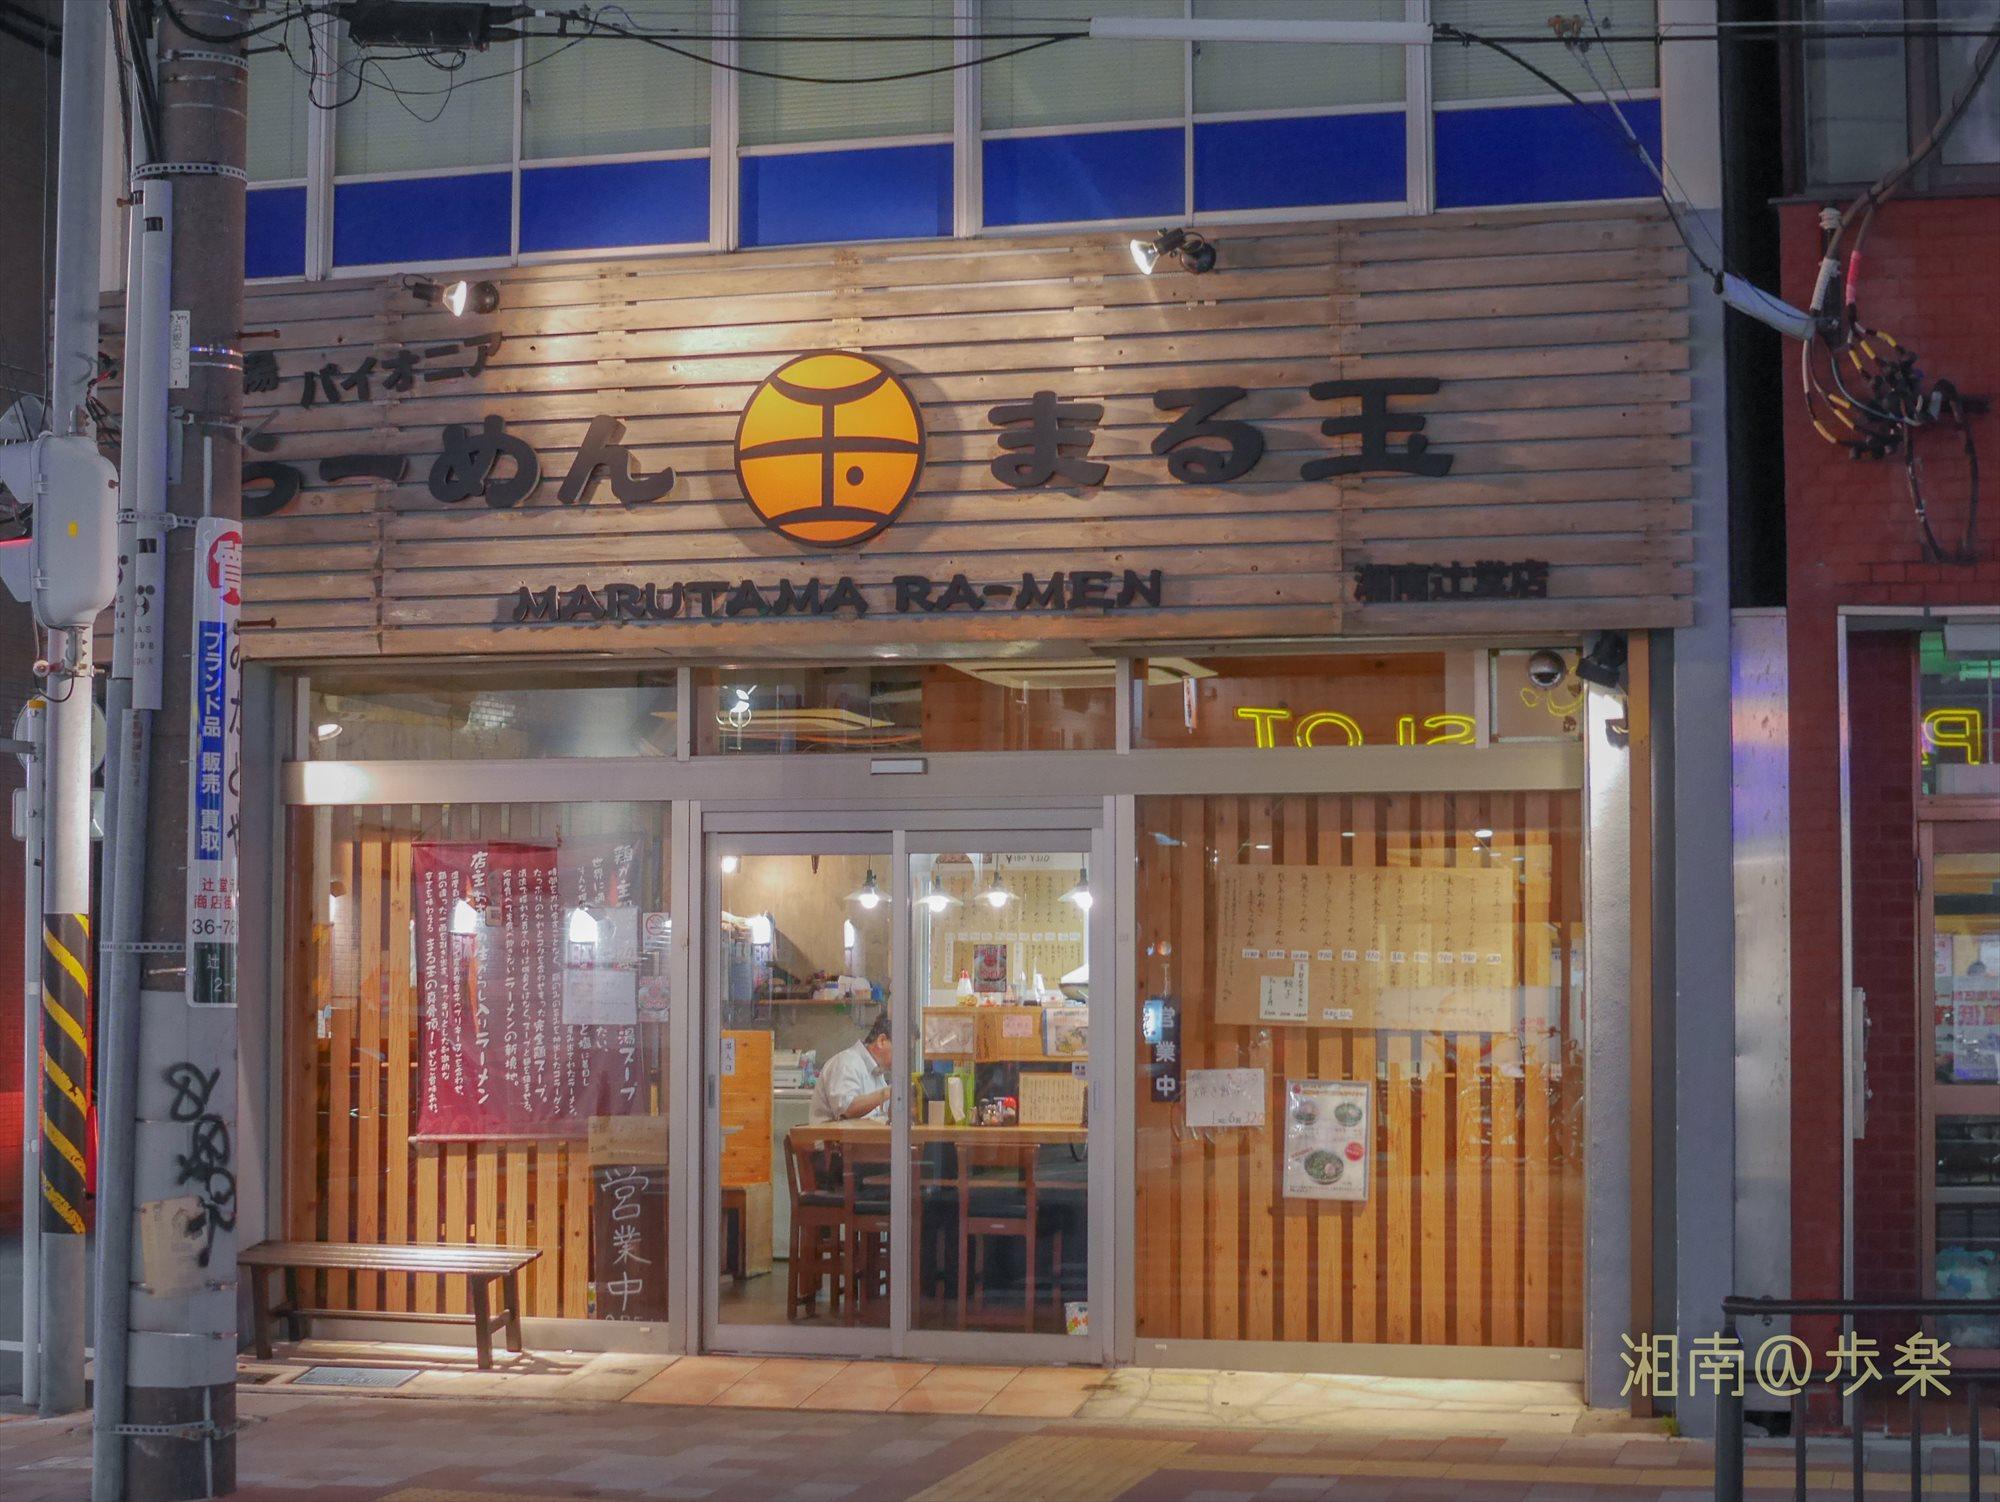 辻堂店 オープンしたのが 2010年09月